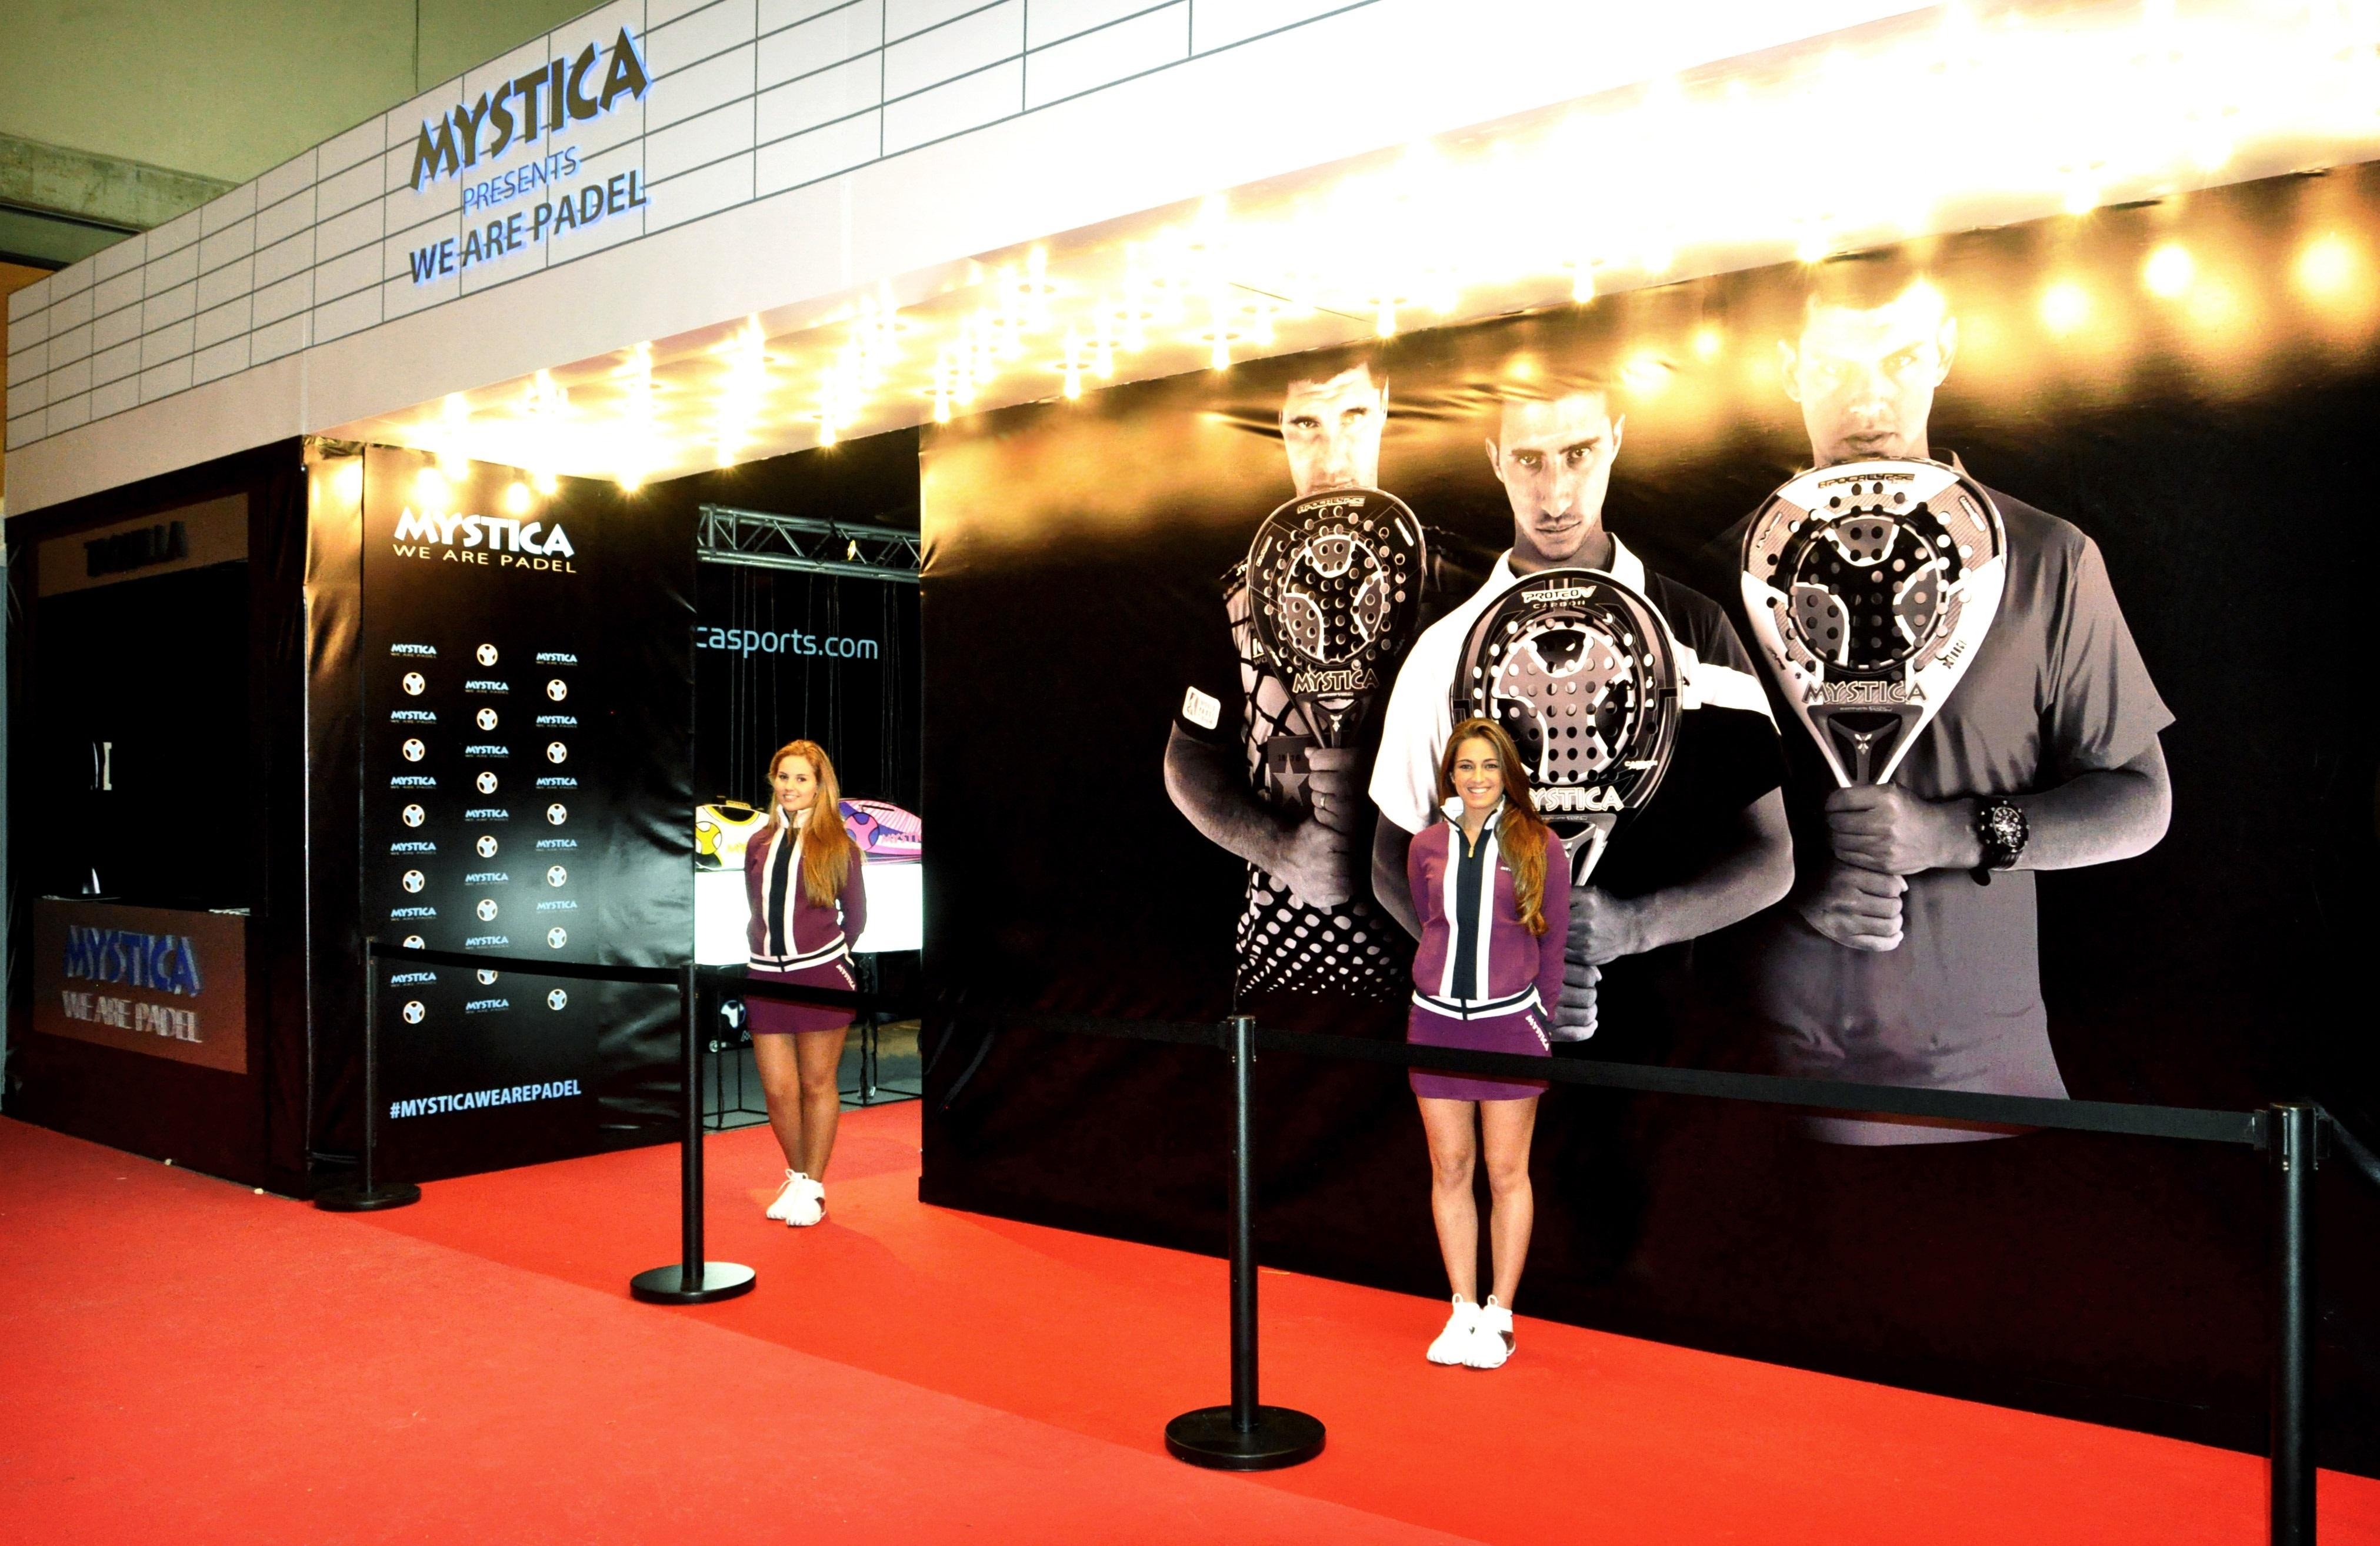 Mystica presentará su nueva colección en el Estrella Damm Masters Finals de pádel